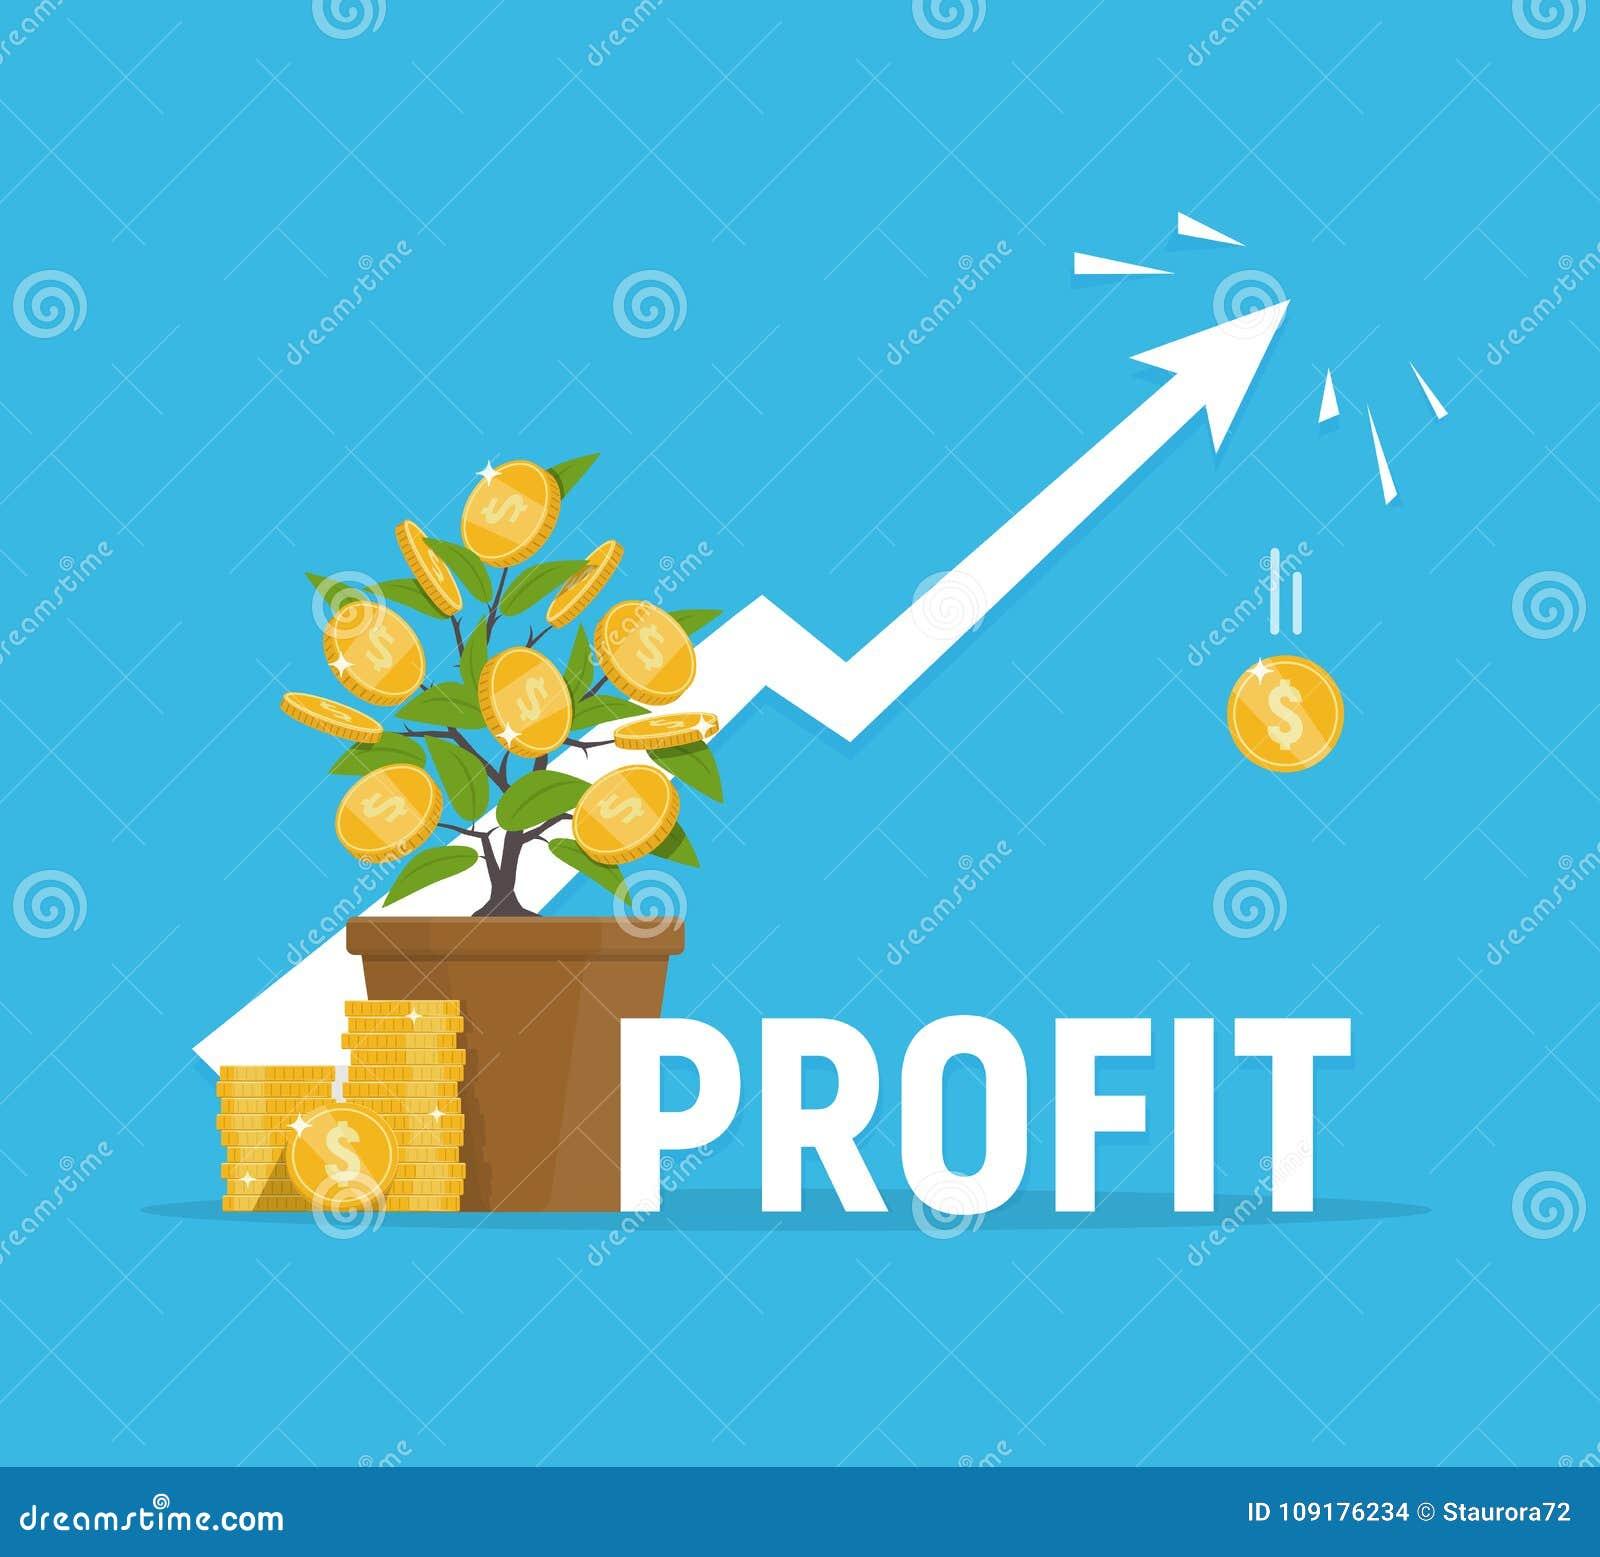 Concetto di profitto Conceptual finanziario Image Investimenti ed aumento del reddito